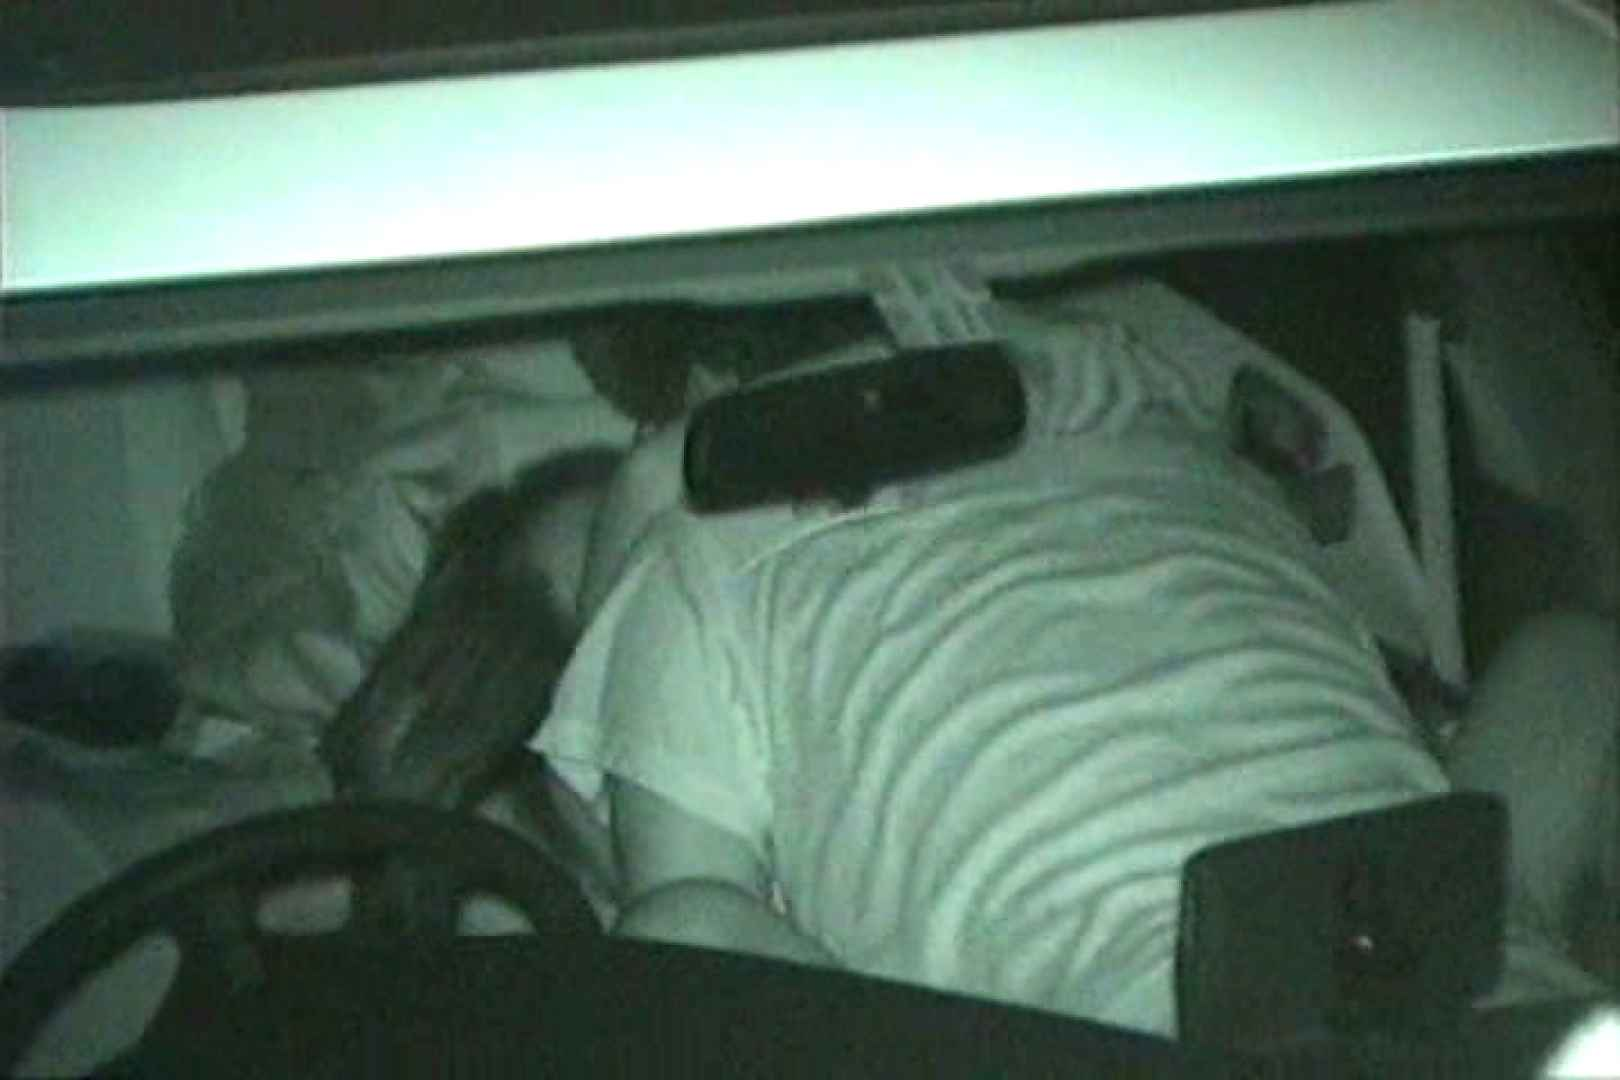 車の中はラブホテル 無修正版  Vol.24 セックス アダルト動画キャプチャ 78pic 35